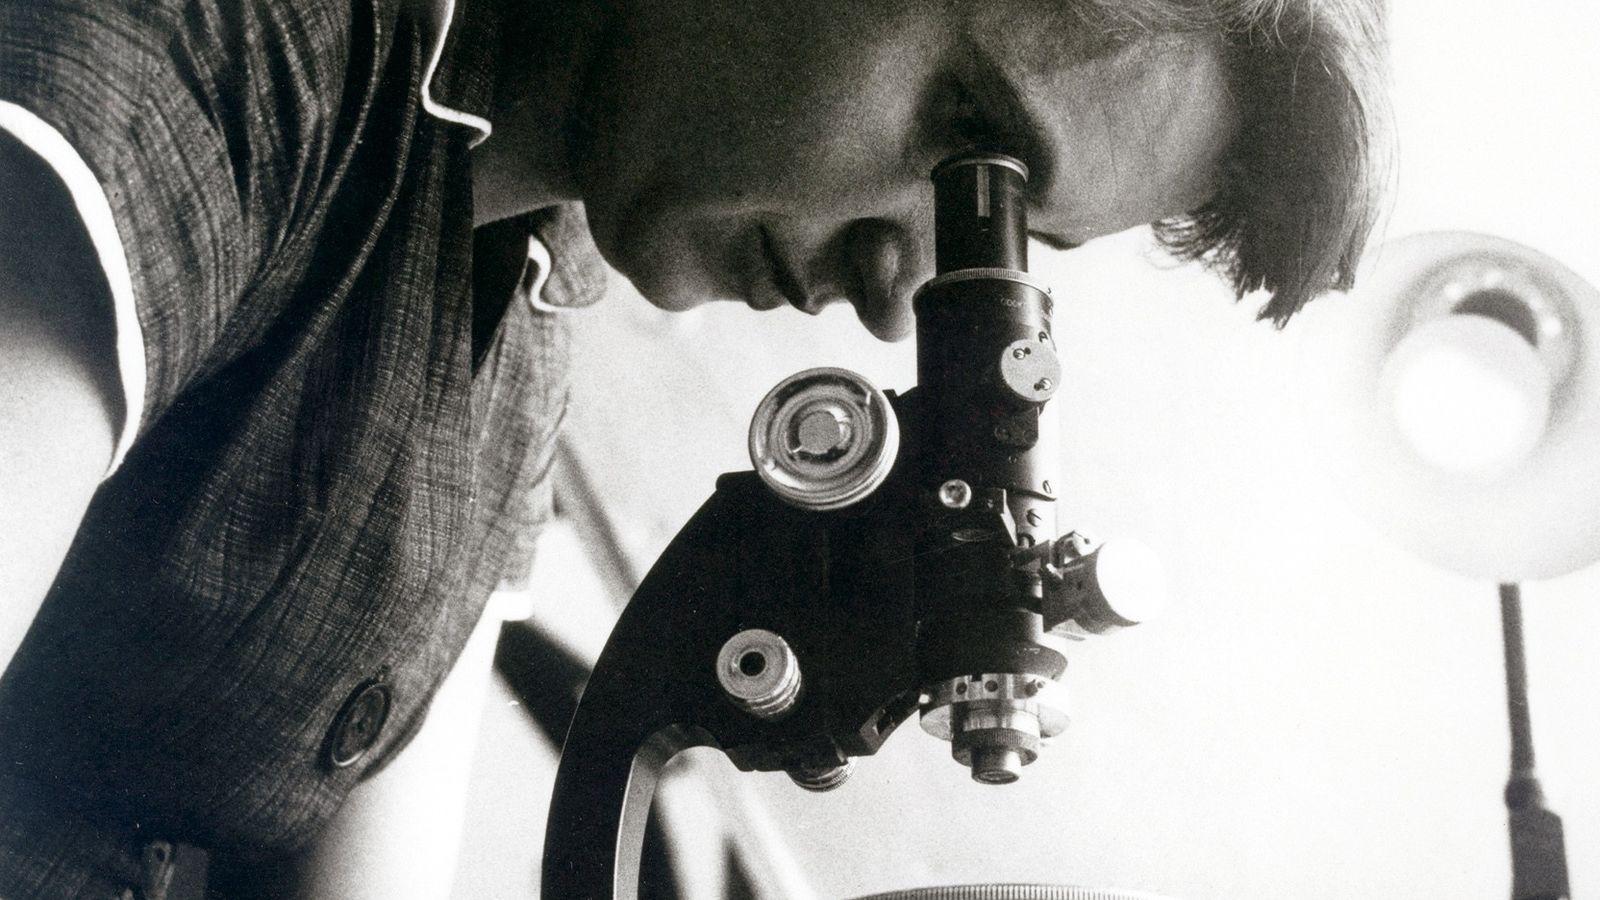 blog promo famous scientists women